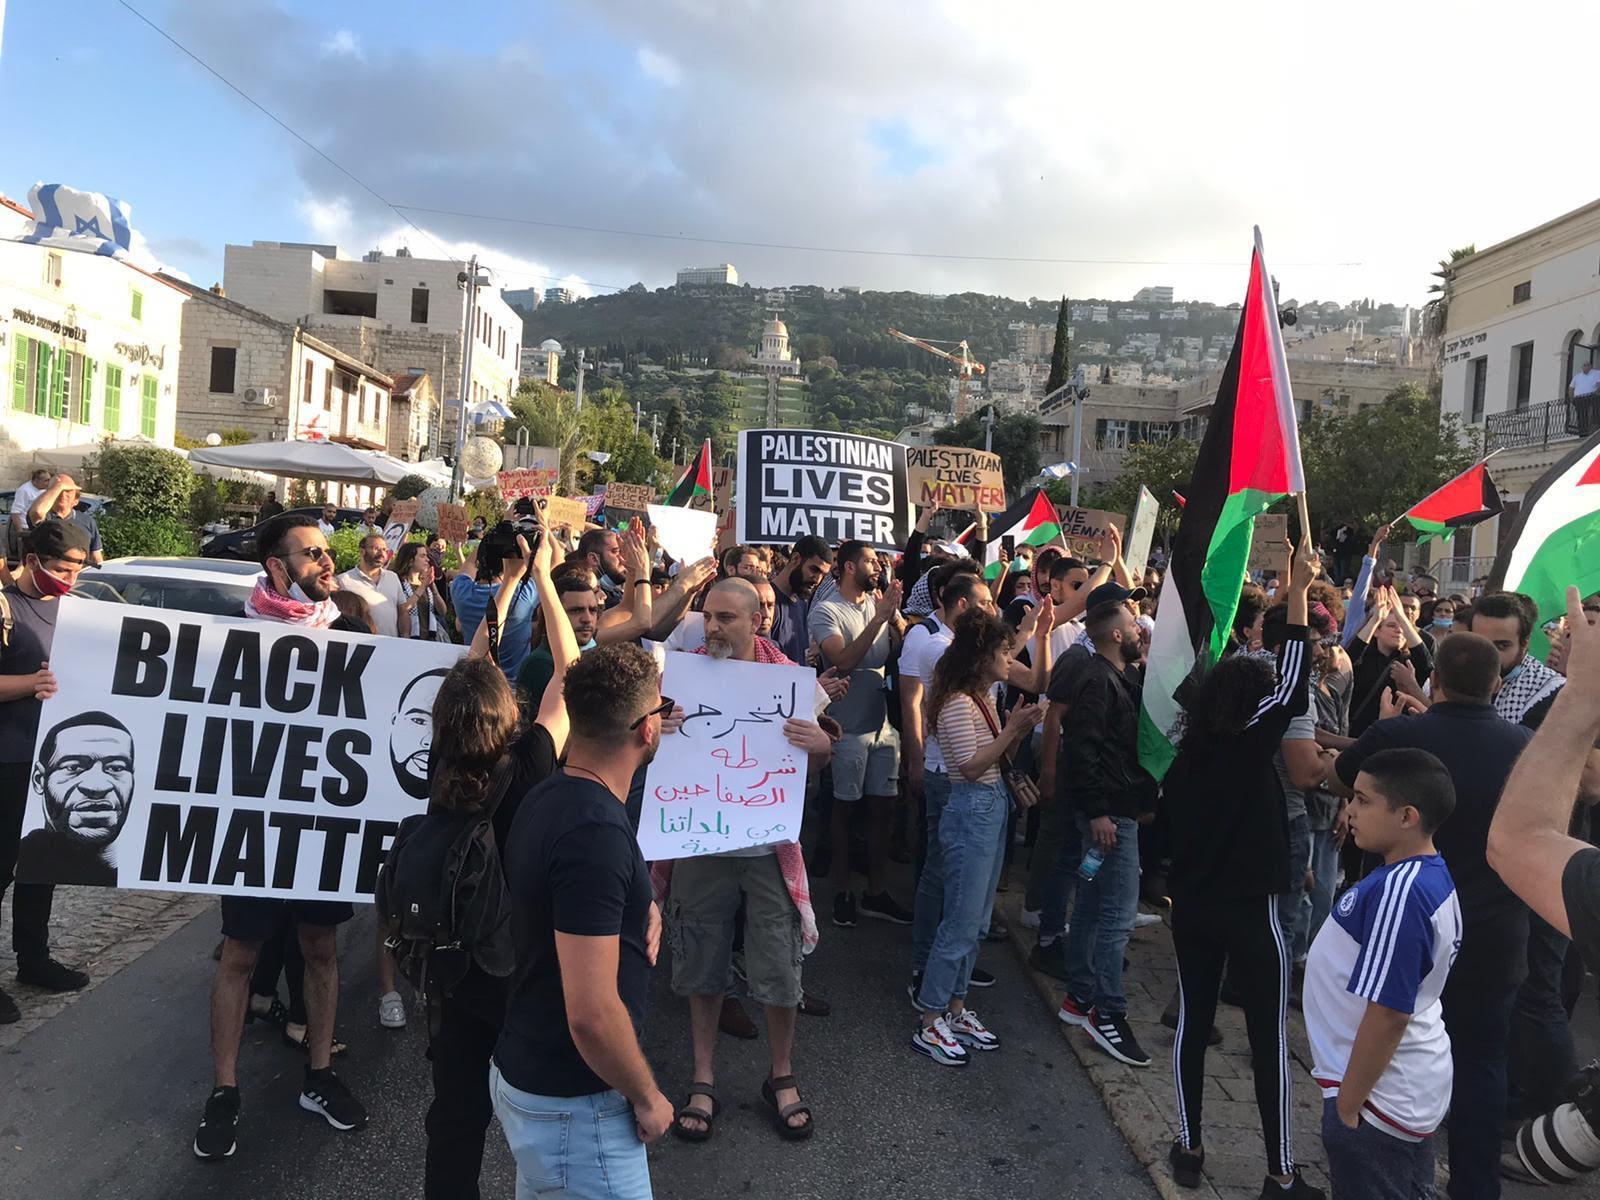 Des manifestants se sont rassemblés à Haïfa, en Israël, le 2 juin, pour protester contre le meurtre d'Eyad al-Halak (Muhammad Kadan / MEE)